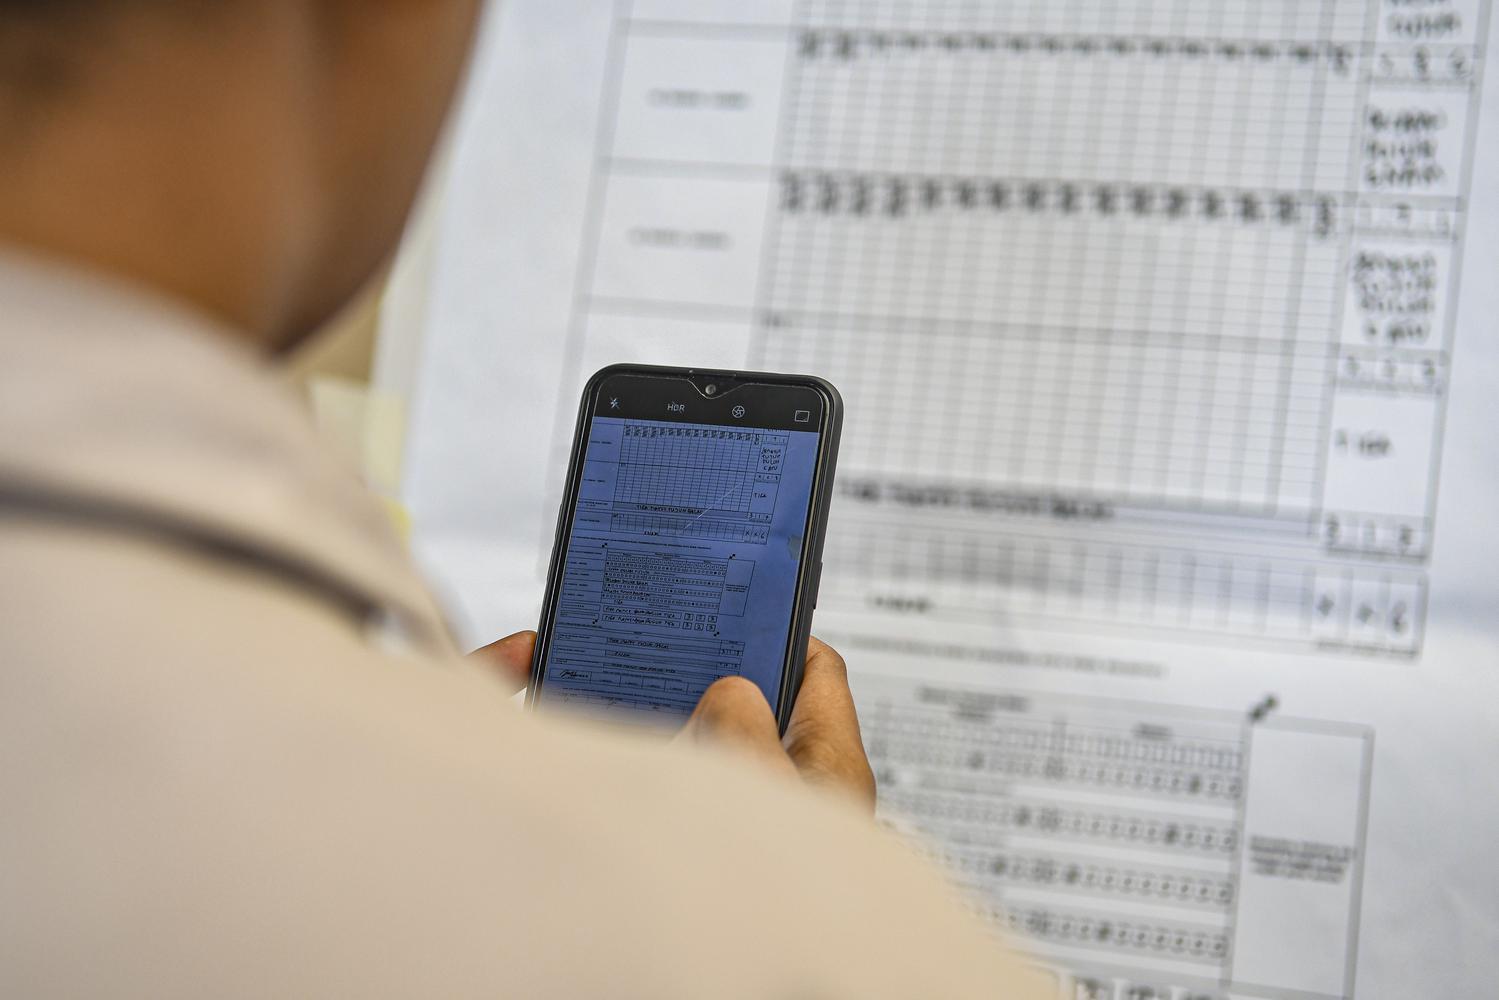 Petugas KPU melakukan simulasi pengisian formulir hasil penghitungan suara di tingkat TPS di KPU Pusat , Jakarta, Selasa (7/1/2020). Simulasi tersebut dilakukan dalam rangka penerapan rekapitulasi elektronik pada pemilihan umum 2020.